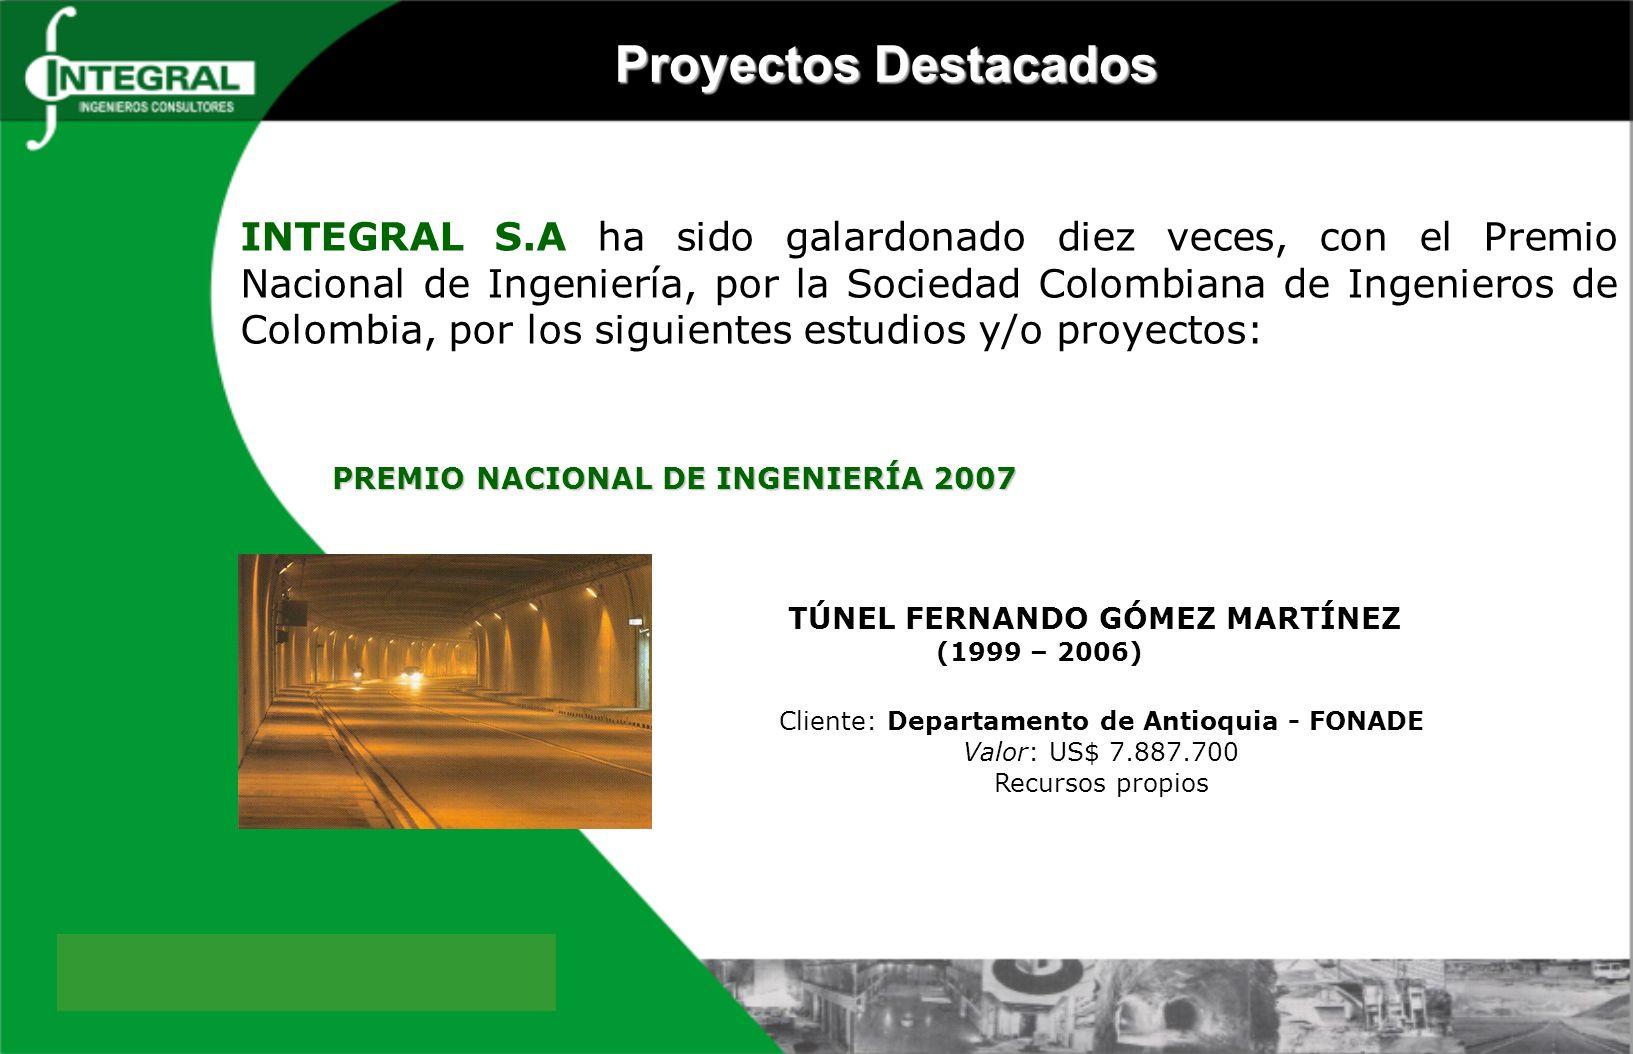 TÚNEL FERNANDO GÓMEZ MARTÍNEZ (1999 – 2006) Cliente: Departamento de Antioquia - FONADE Valor: US$ 7.887.700 Recursos propios PREMIO NACIONAL DE INGEN